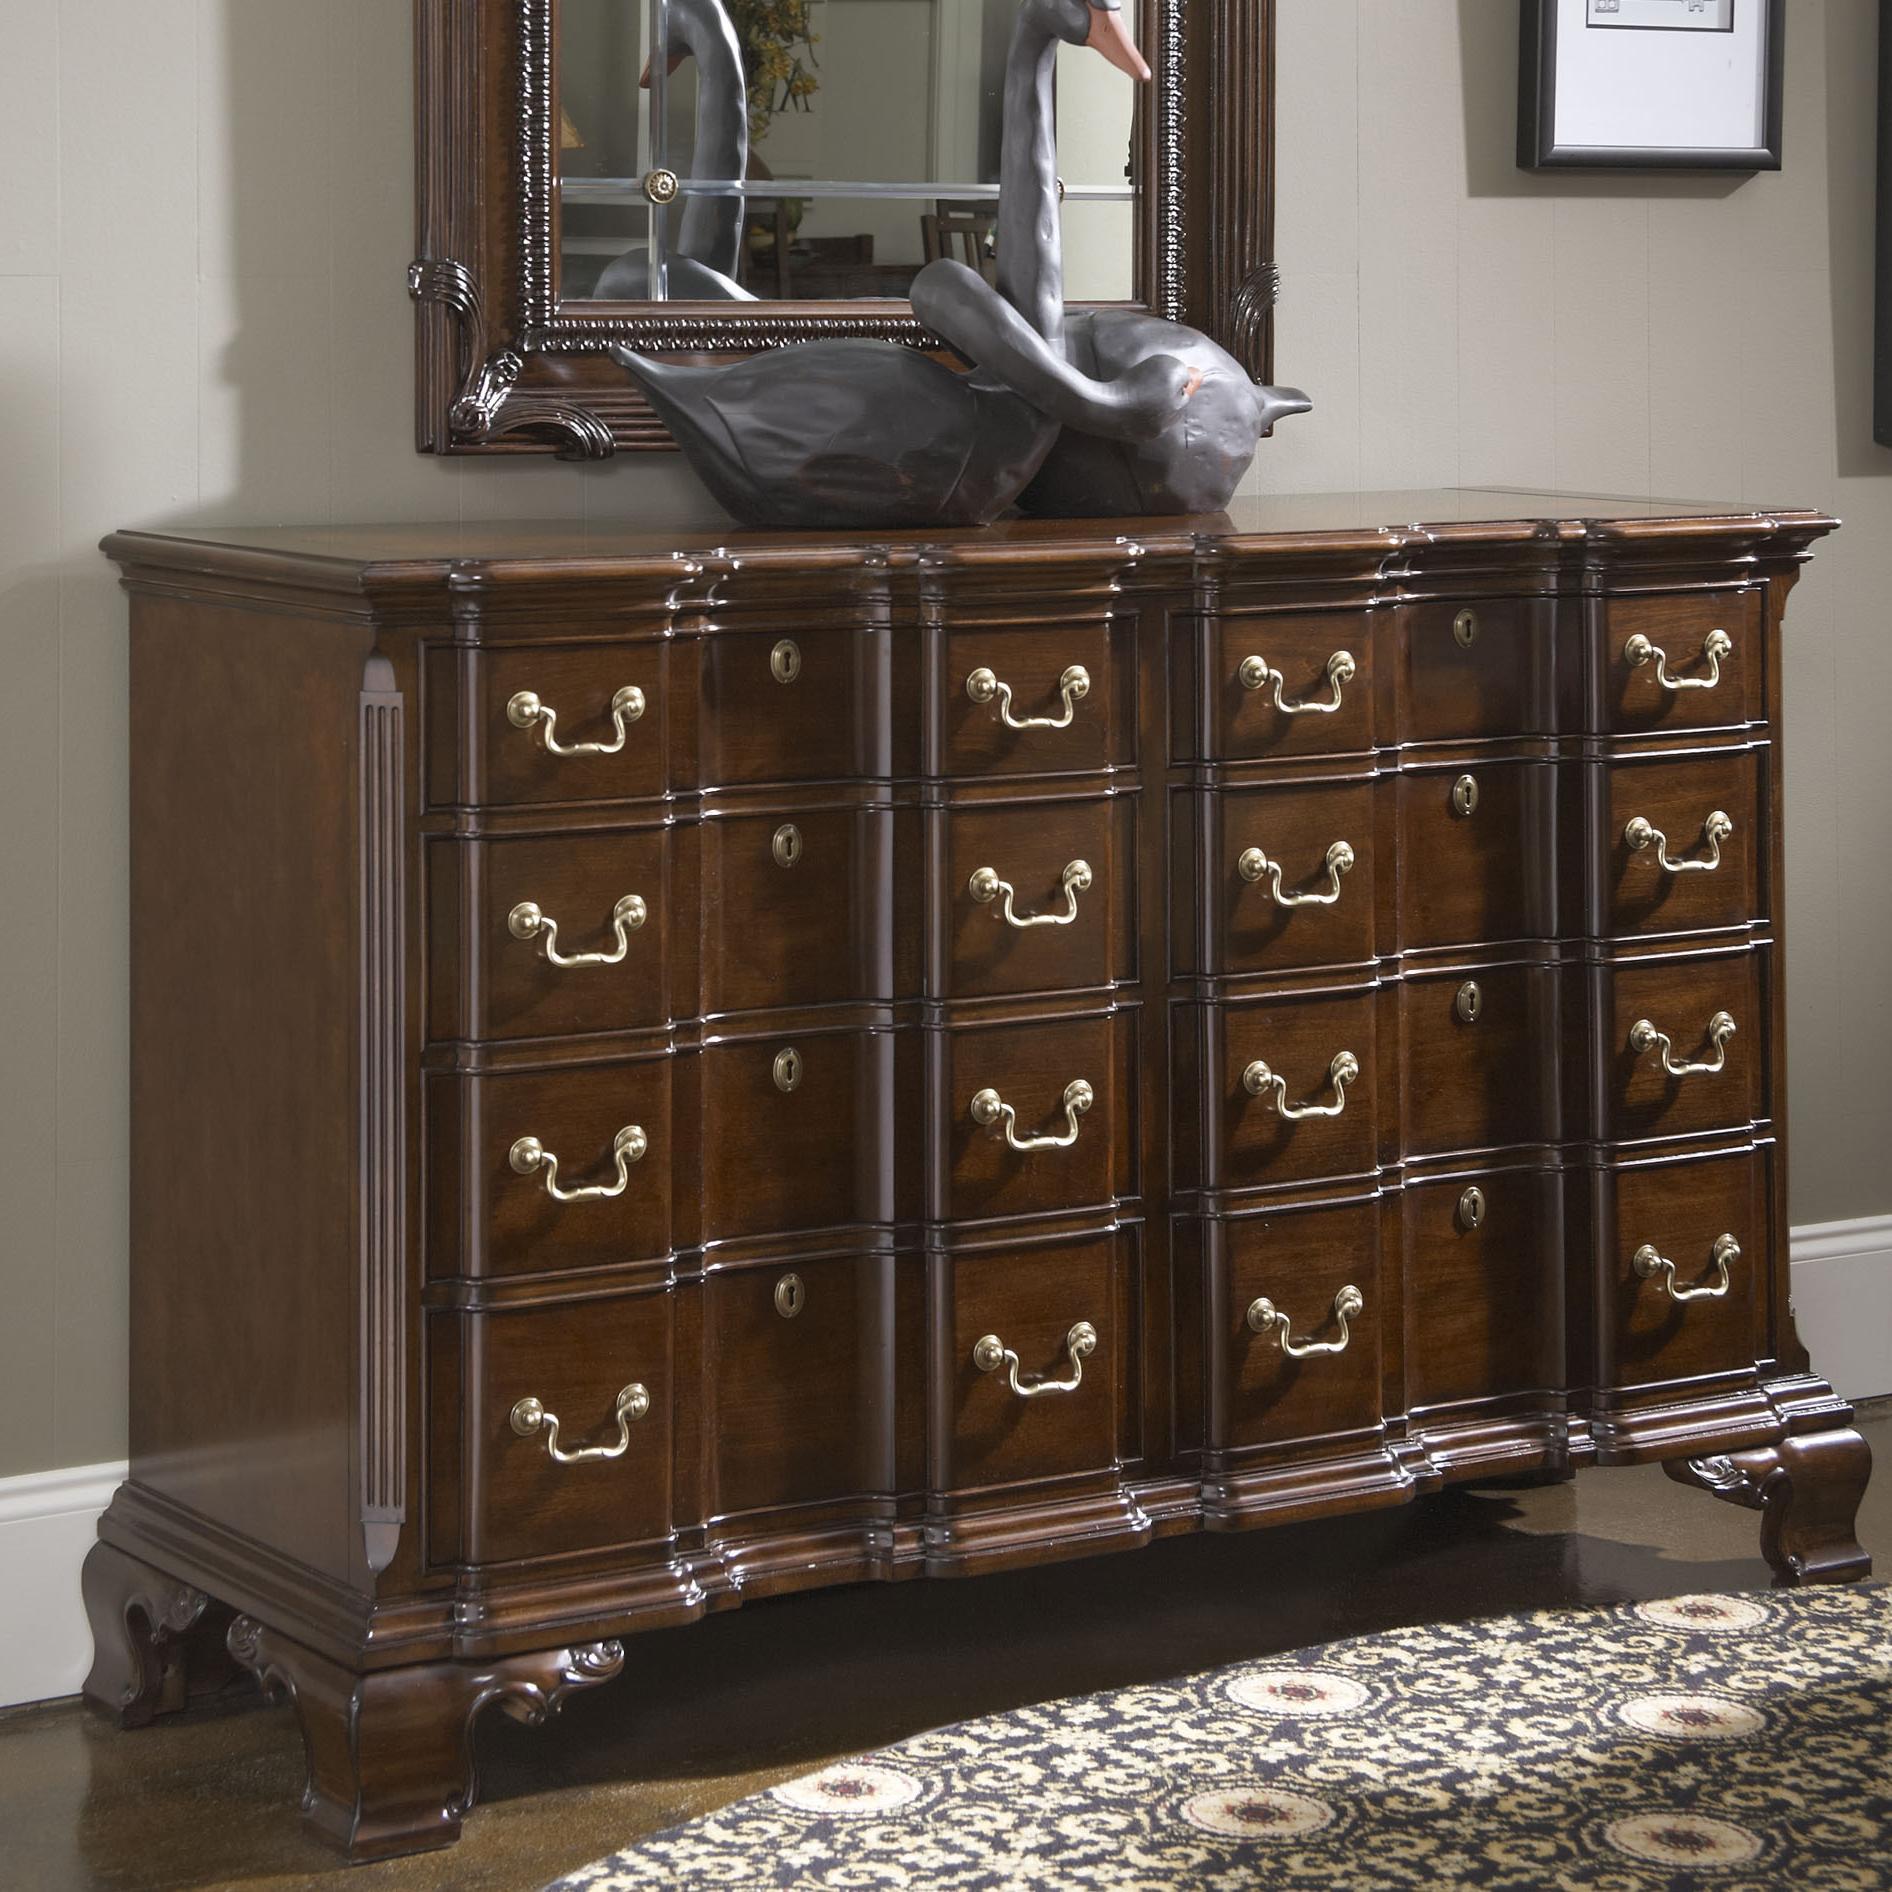 Belfort Signature Belmont Franklin Goddard Dresser - Item Number: 1020-142